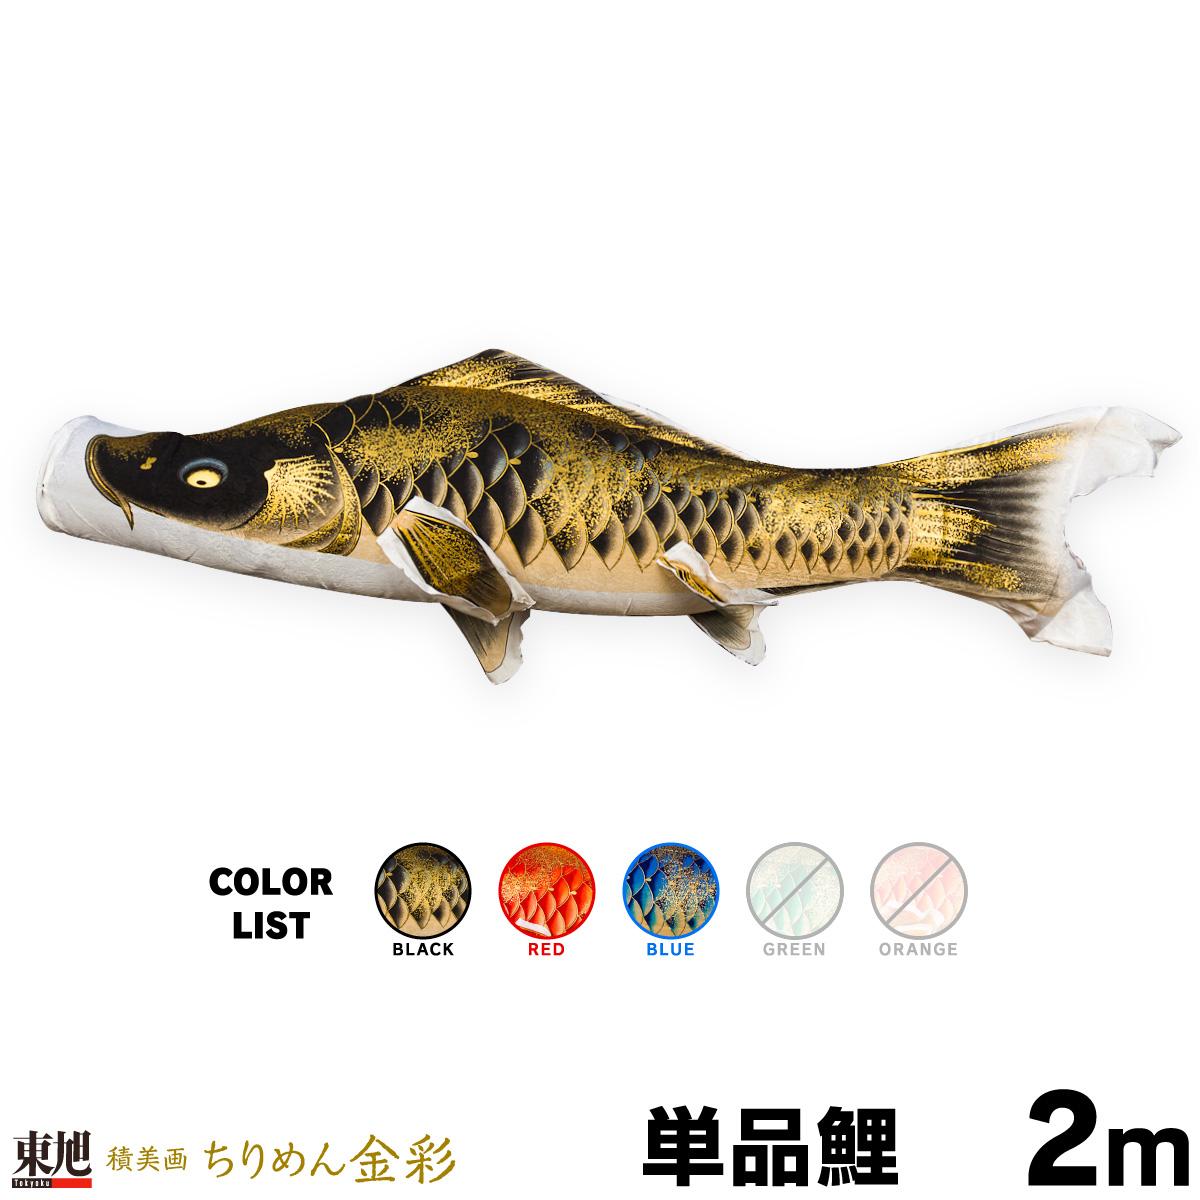 【こいのぼり 単品】 ちりめん金彩 2m 単品鯉